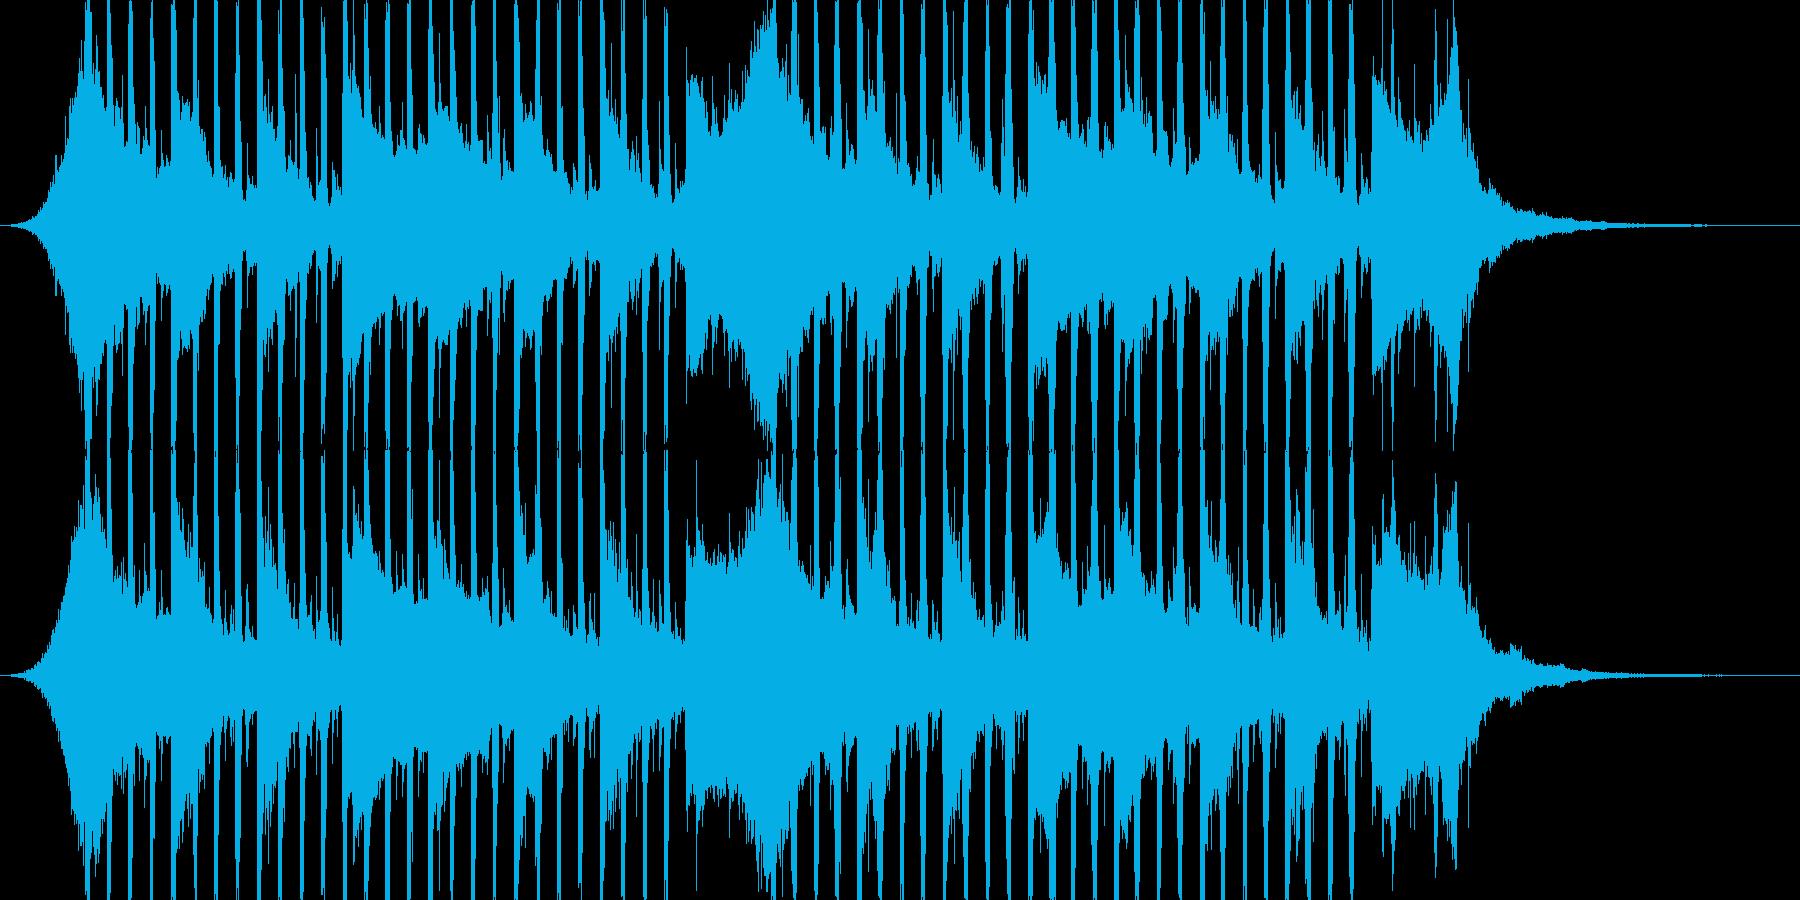 企業VP向け、爽やかポップ4つ打ち5-2の再生済みの波形